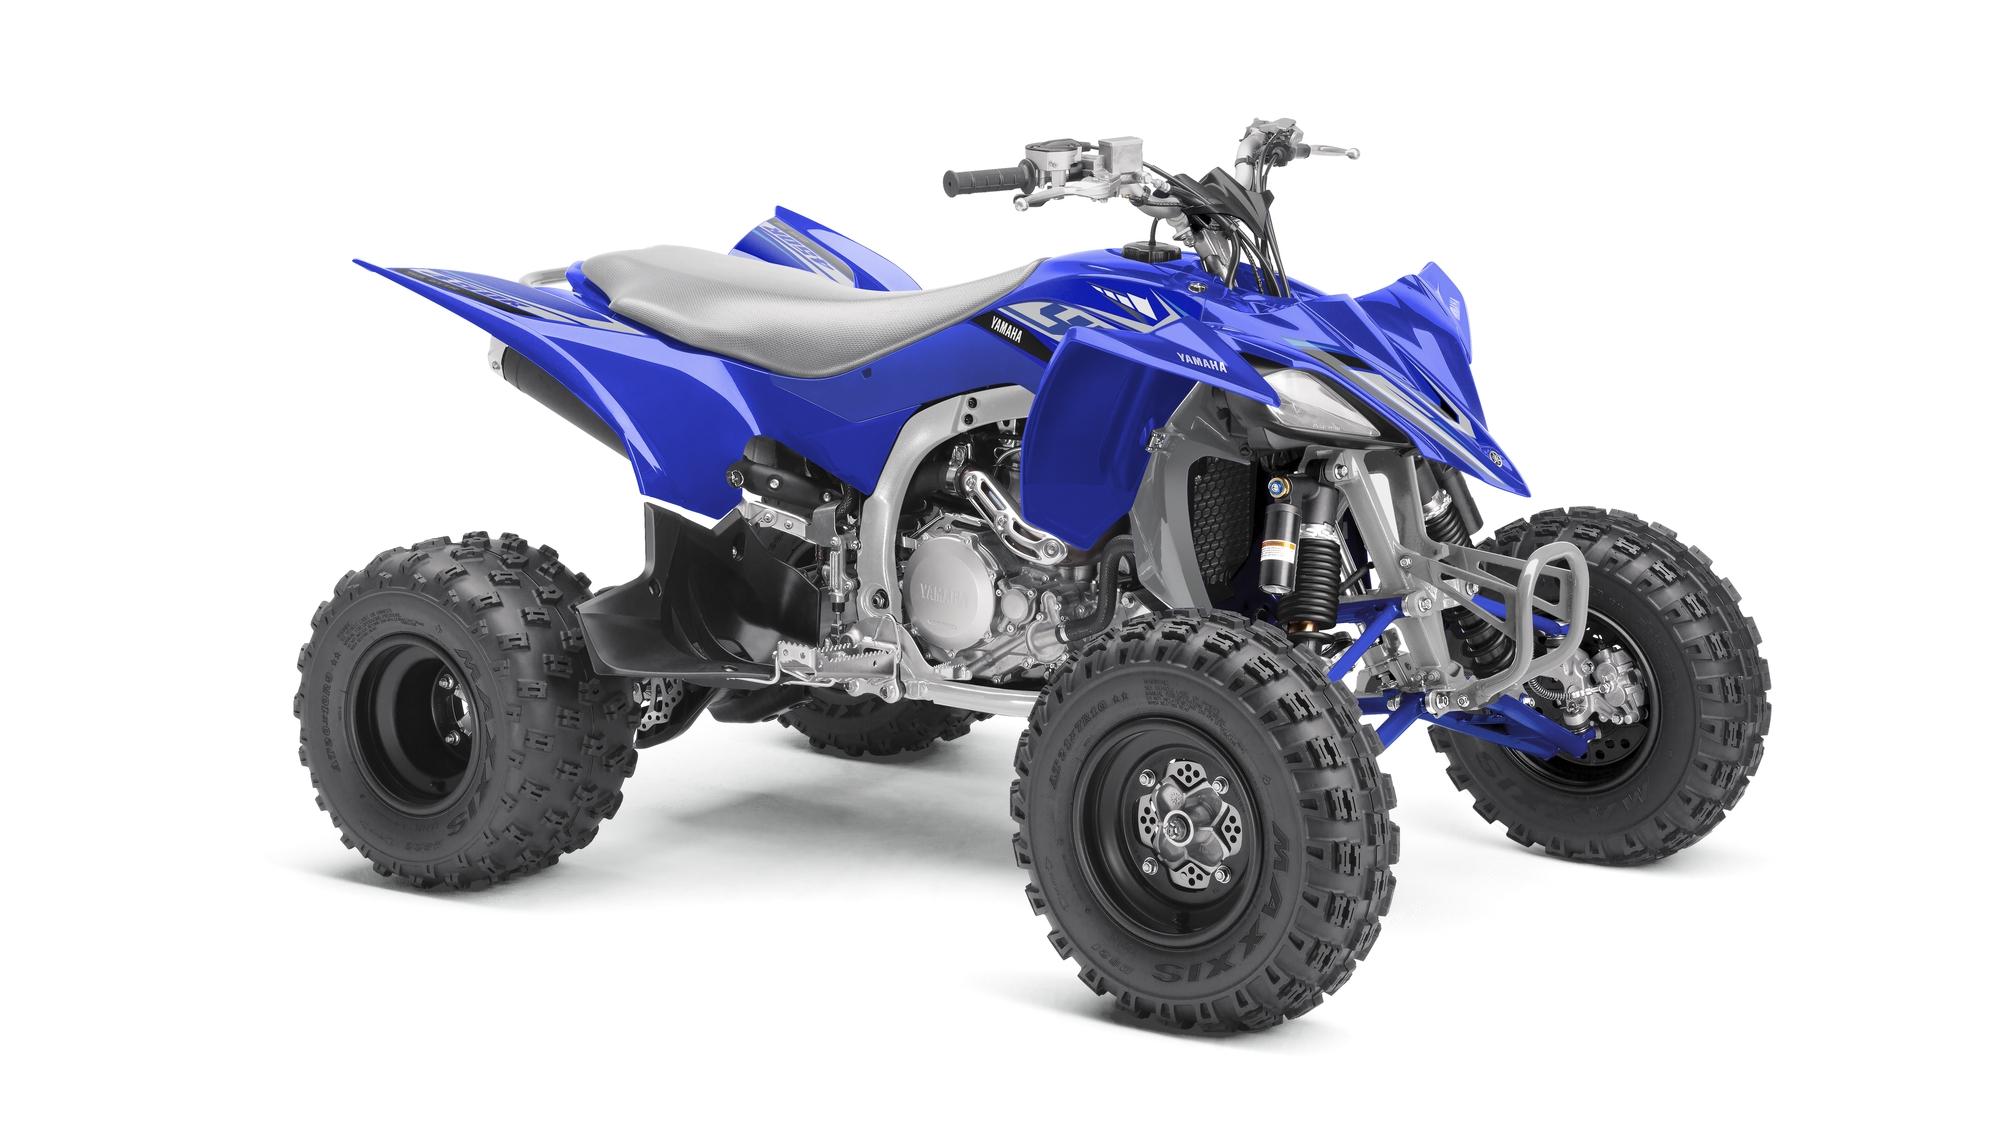 Yamaha Sports YFZ450R